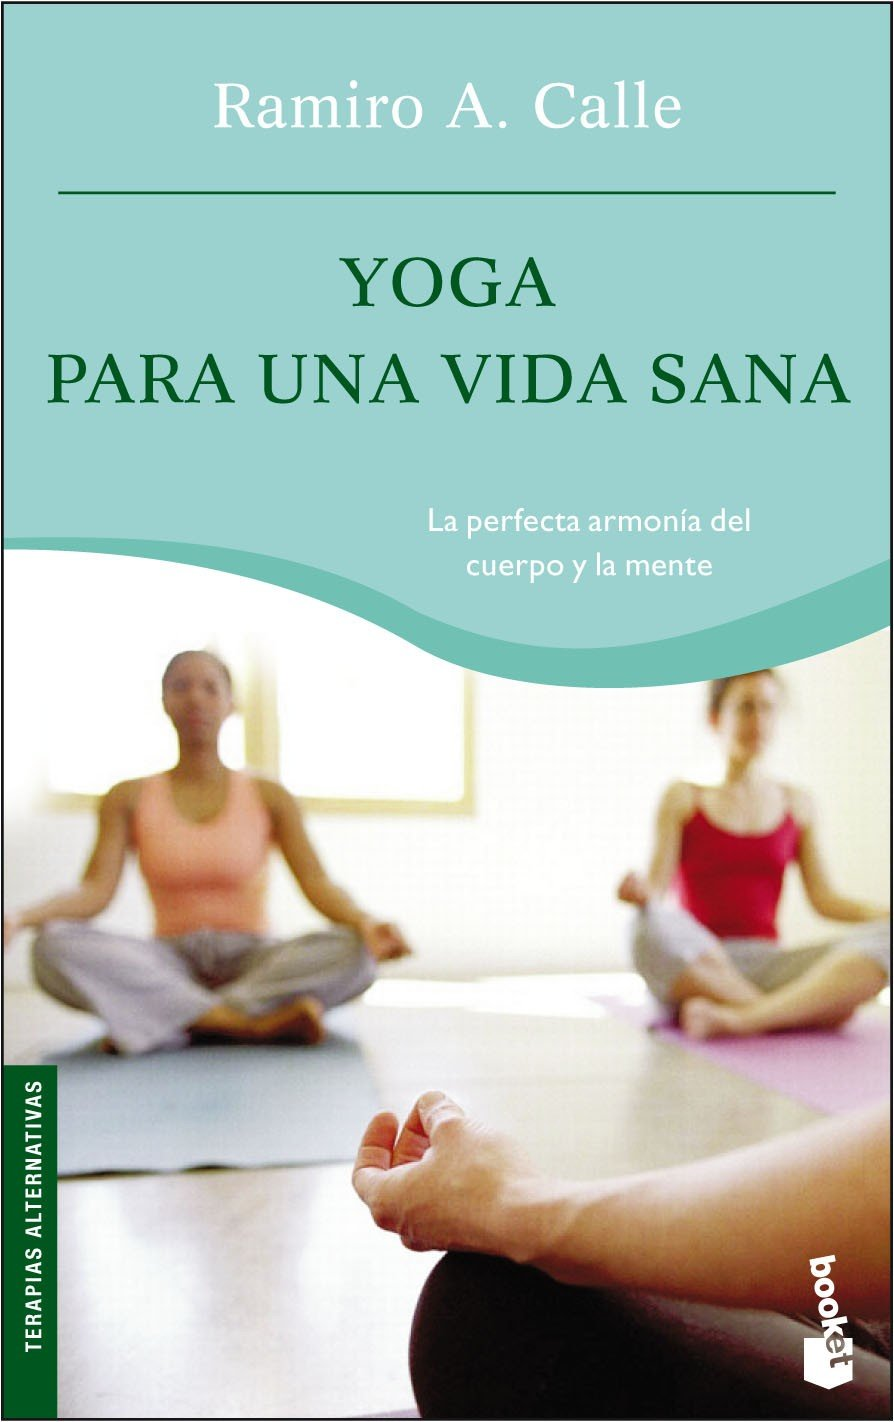 Yoga para una vida sana: 1 (Prácticos): Amazon.es: Ramiro A ...